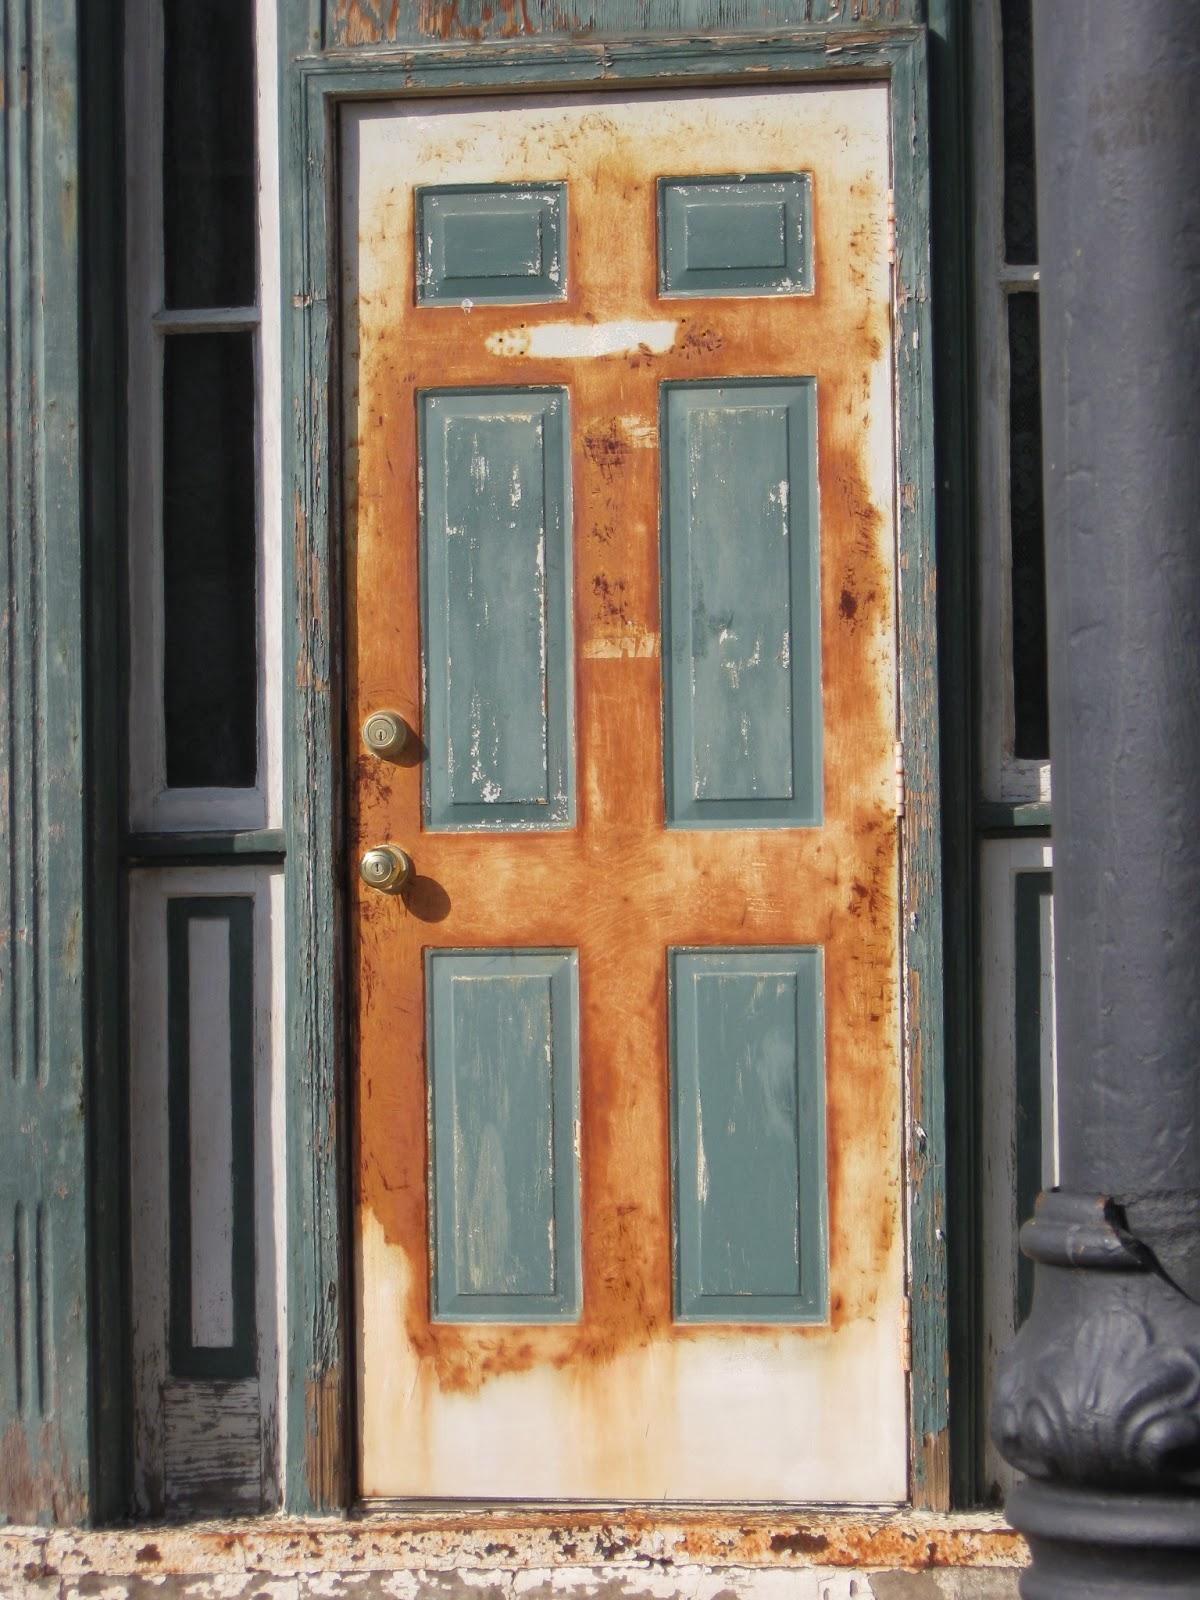 Folkways Notebook Old Door Arcade